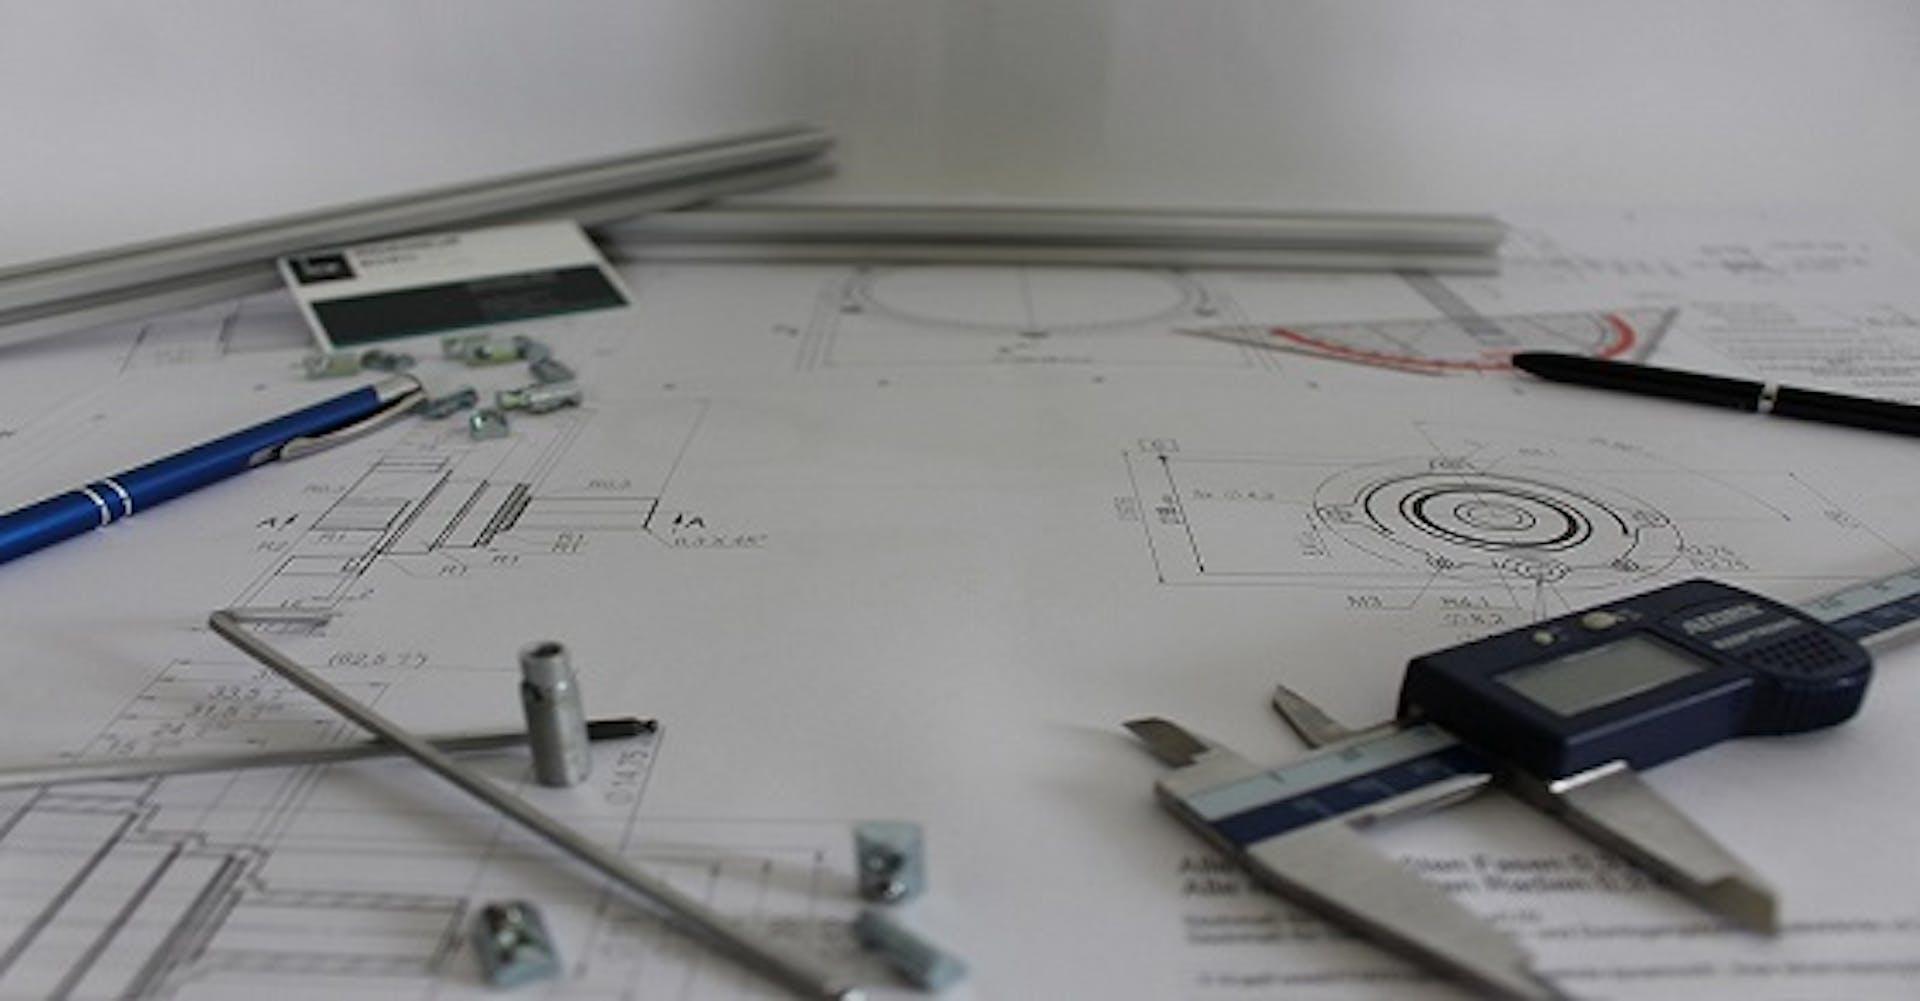 Descubre qué es el dibujo técnico y cómo sacarle ganancias a tu creatividad